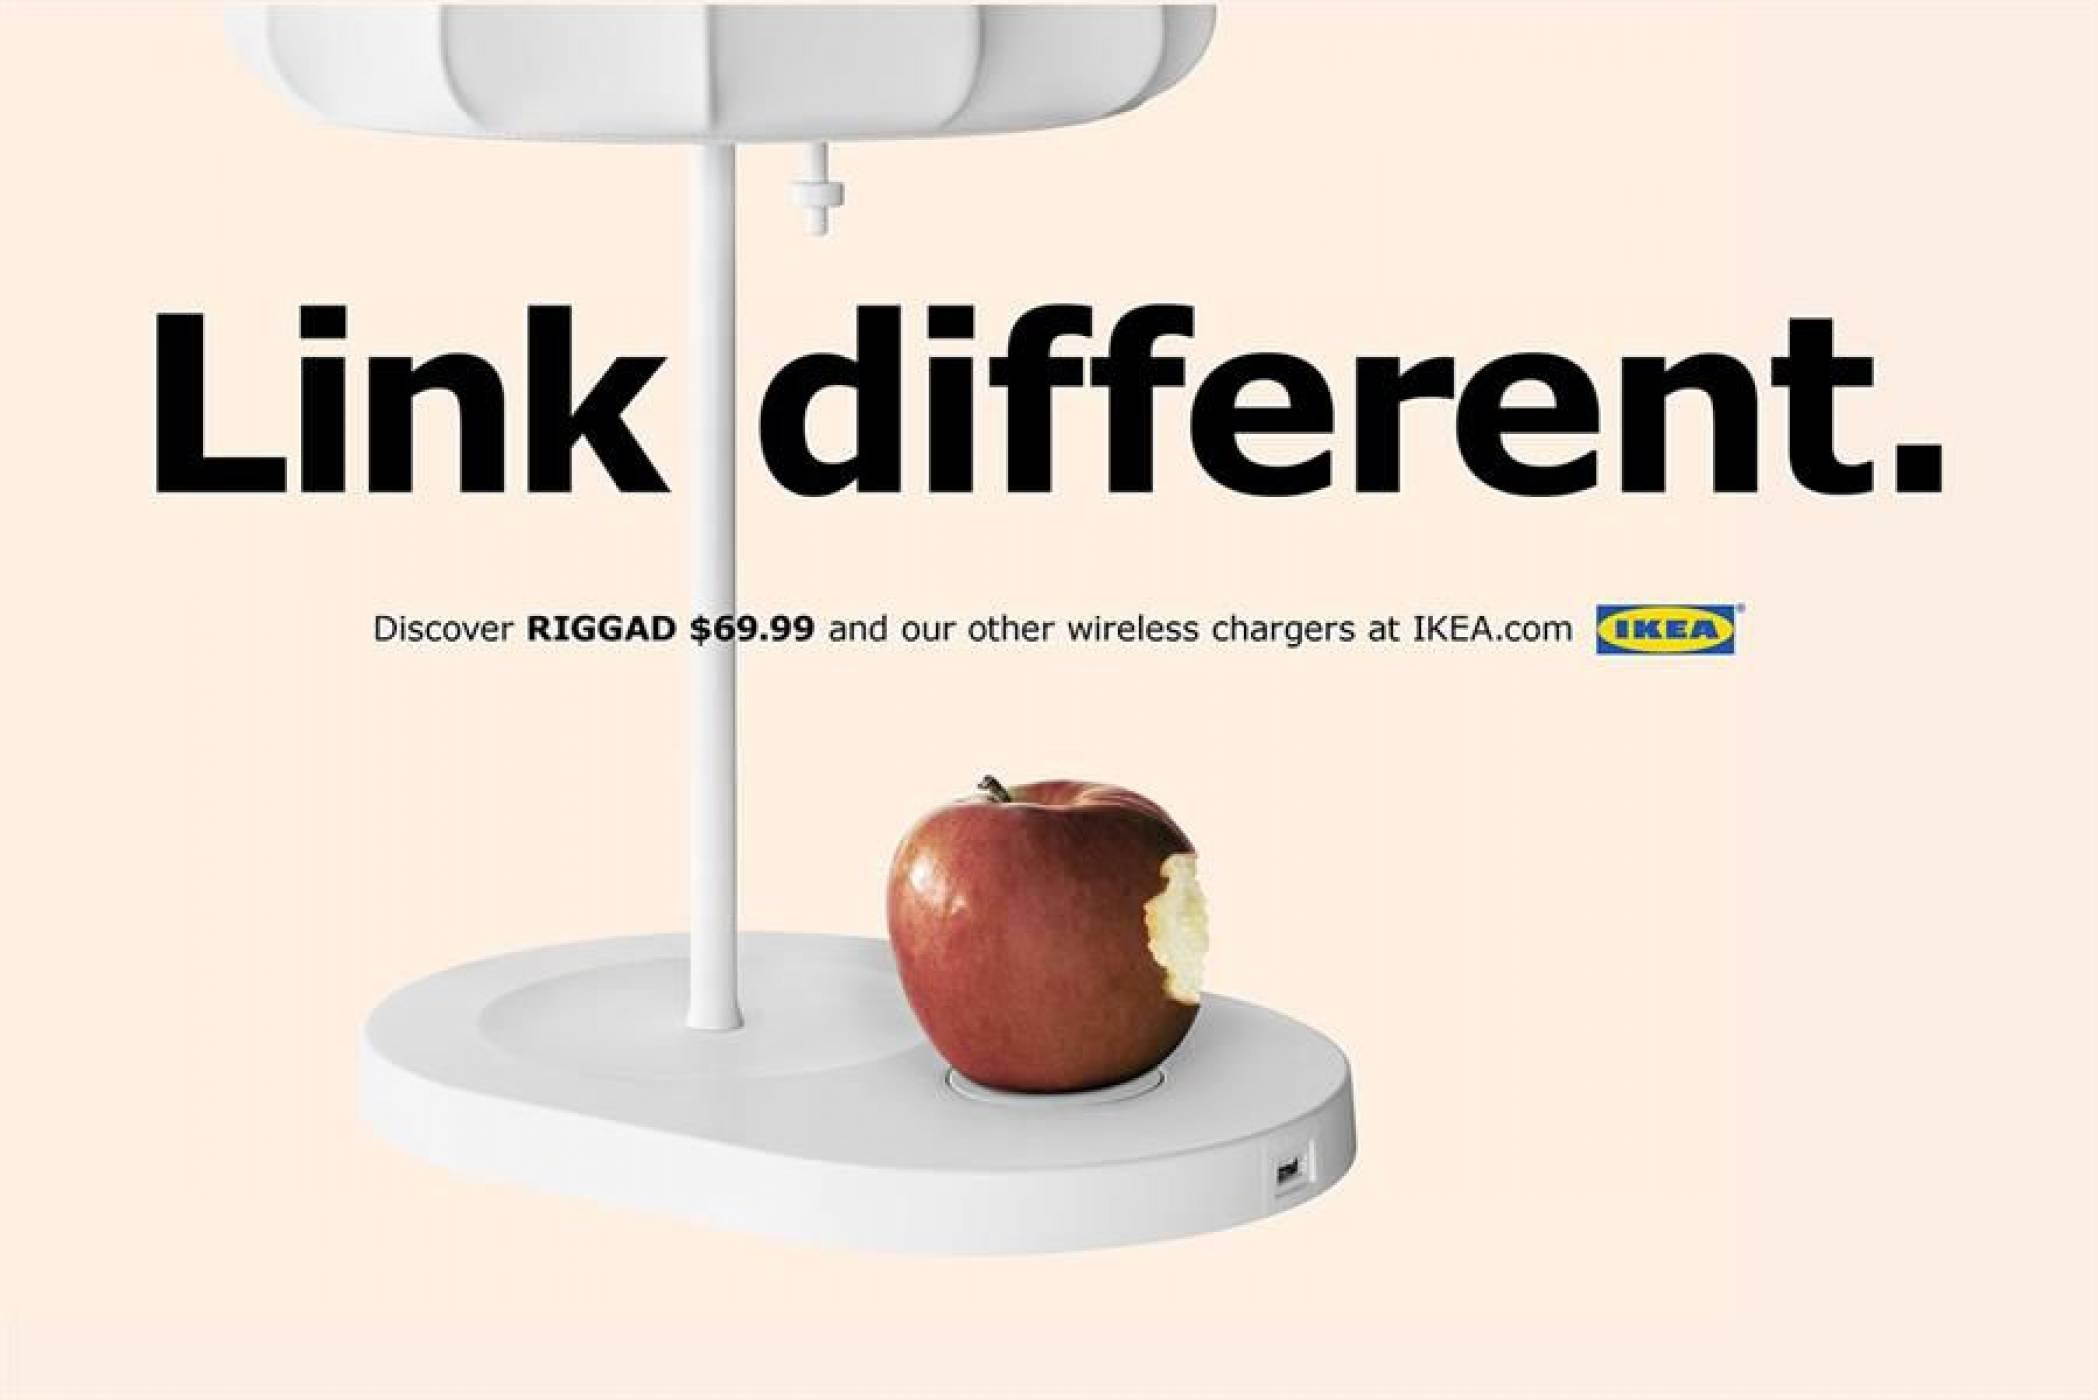 IKEA използва вдъхновение от Apple, за да промотира продуктите си с безжично зареждане